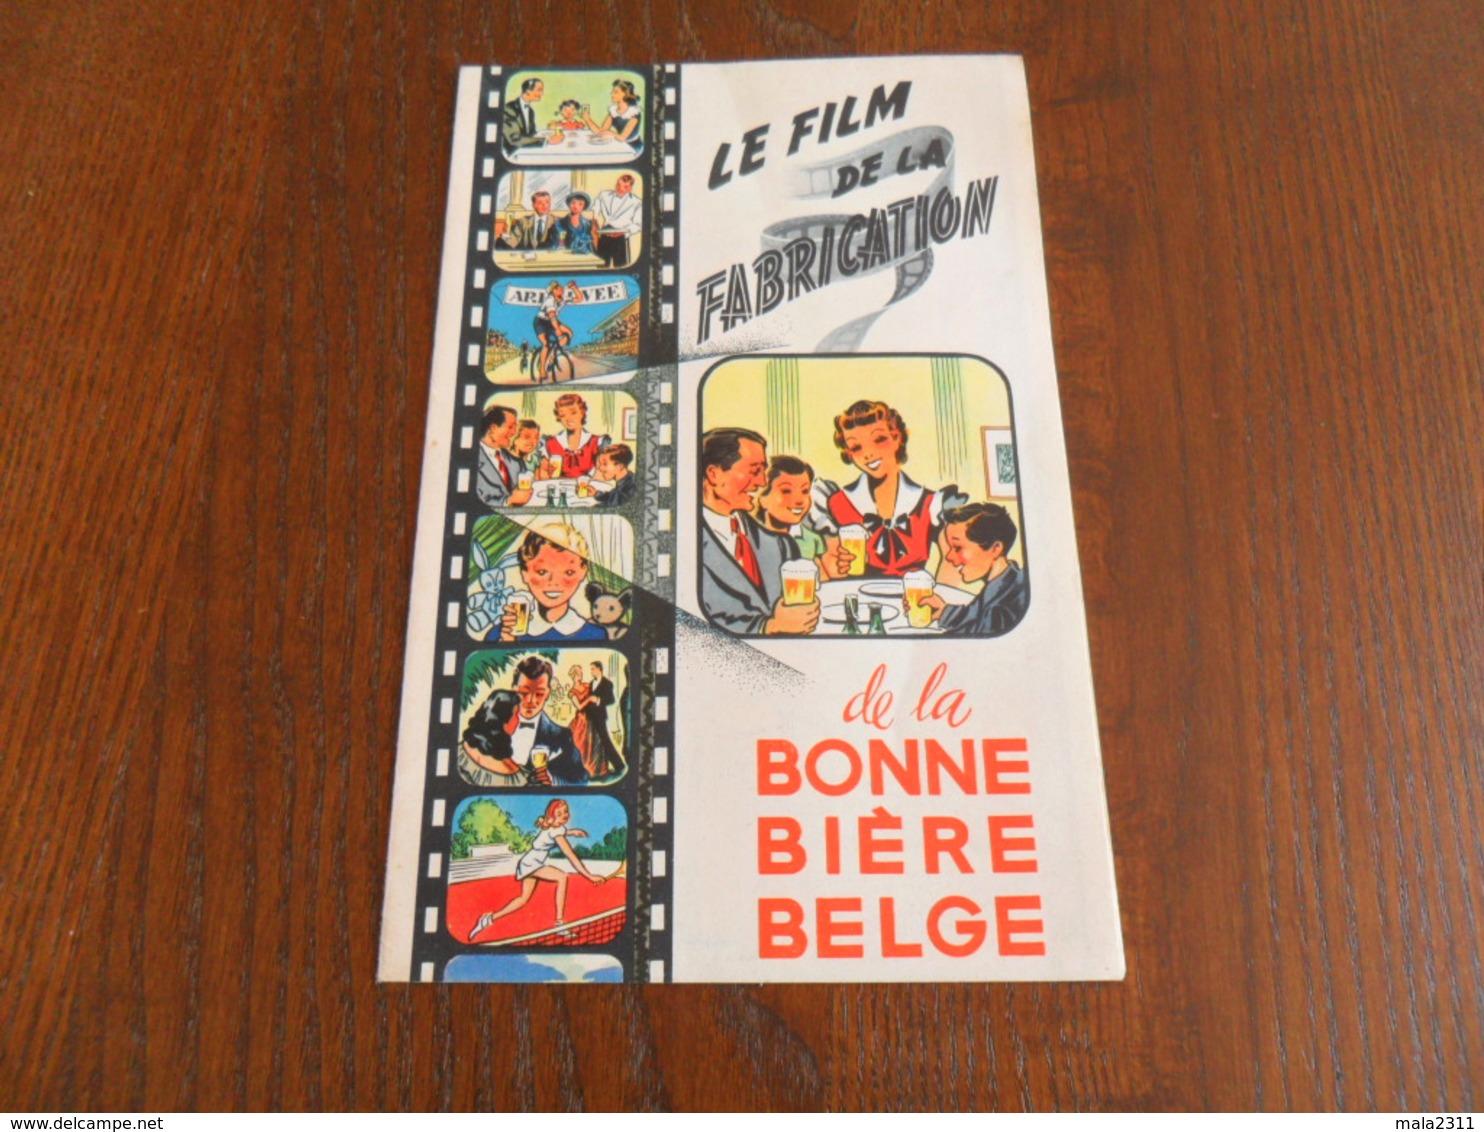 ANCIEN FOLDER PUBLIC. / FILM DE LA FABRIC. DE LA BONNE BIERE BELGE - Autres